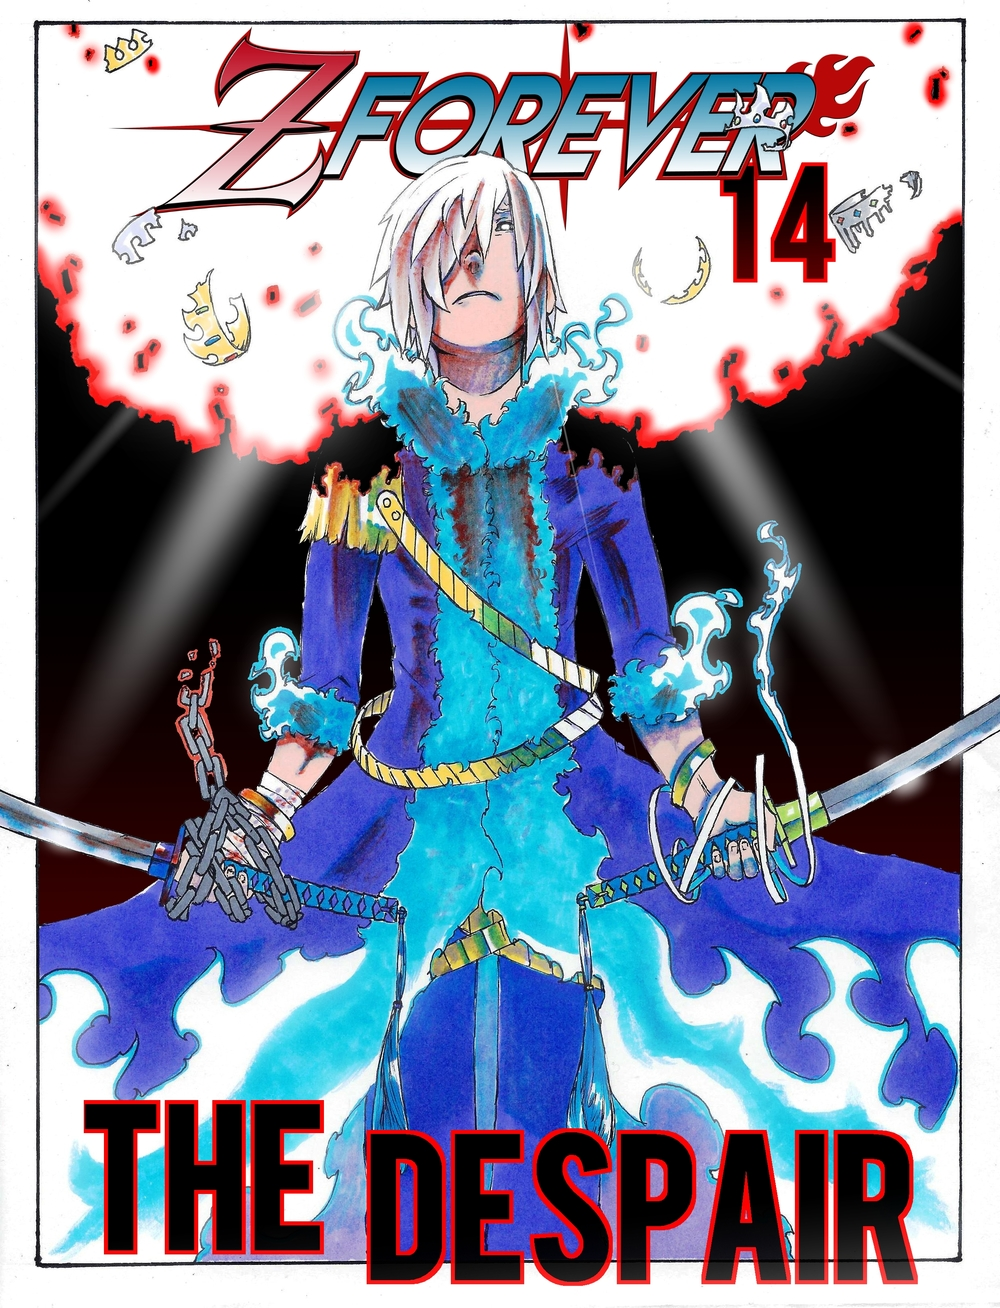 3 (Cover).jpg